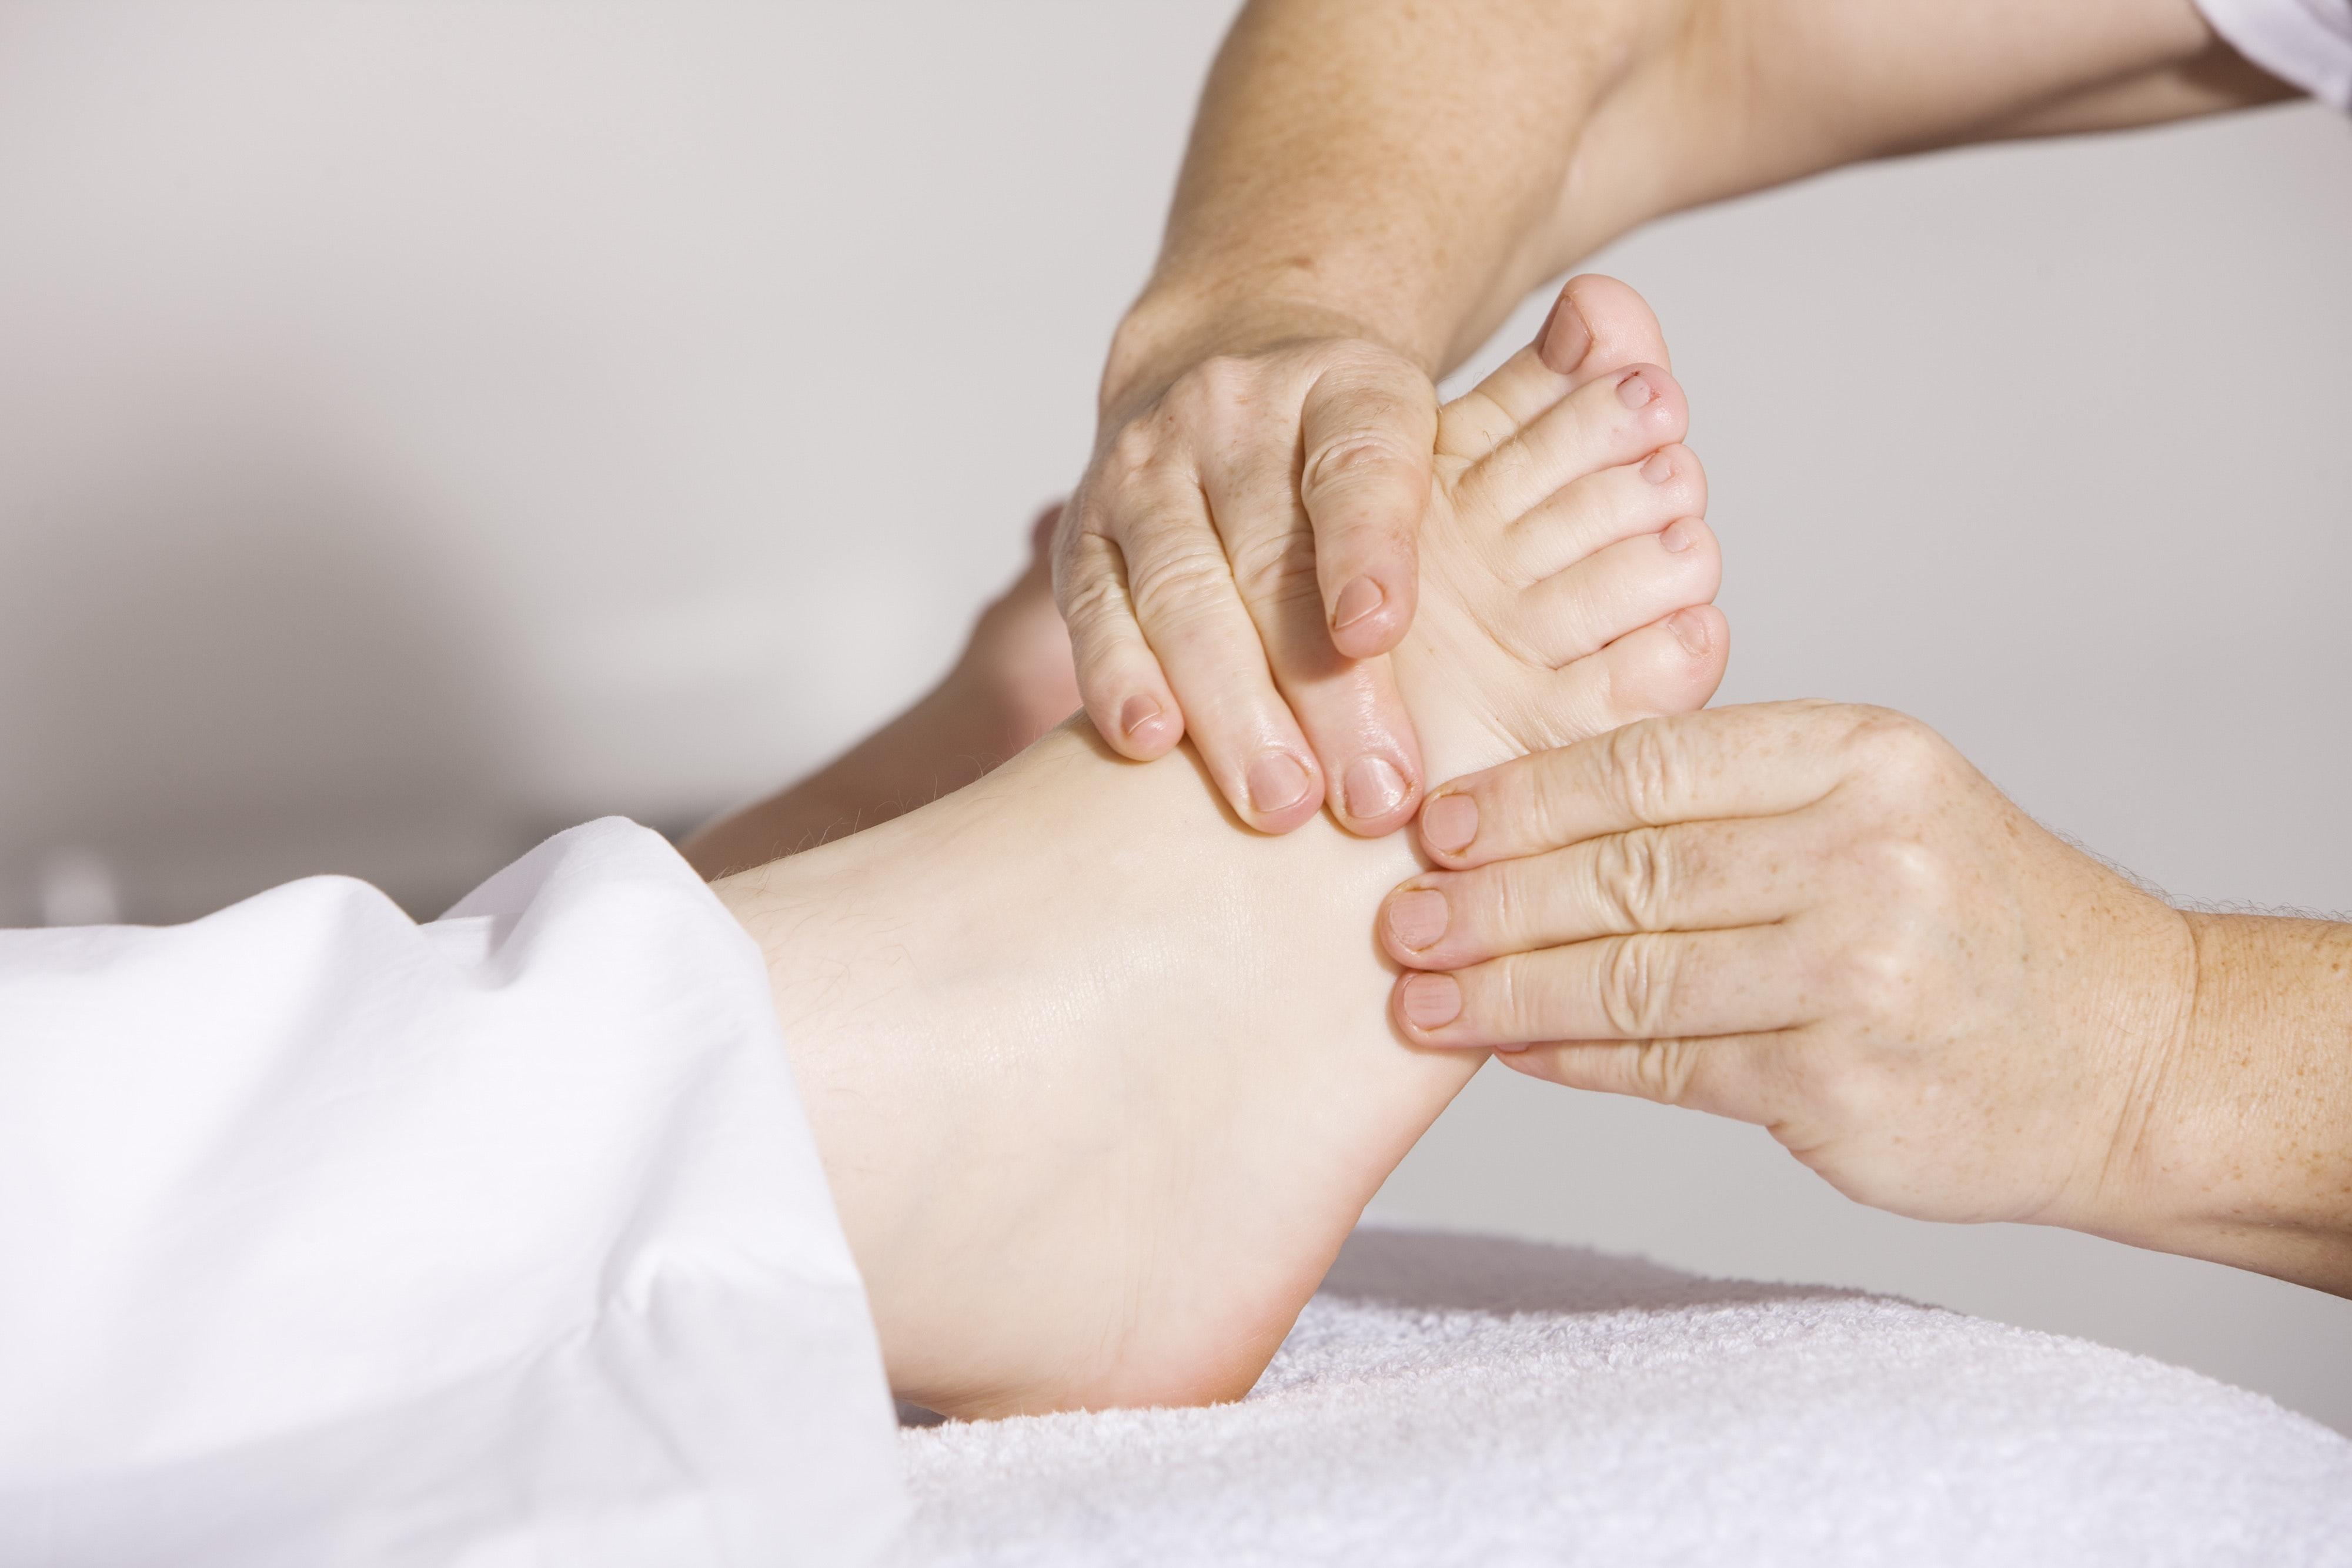 Je bolesť pri cvičení a športe práca pre trénera alebo fyzioterapeuta?